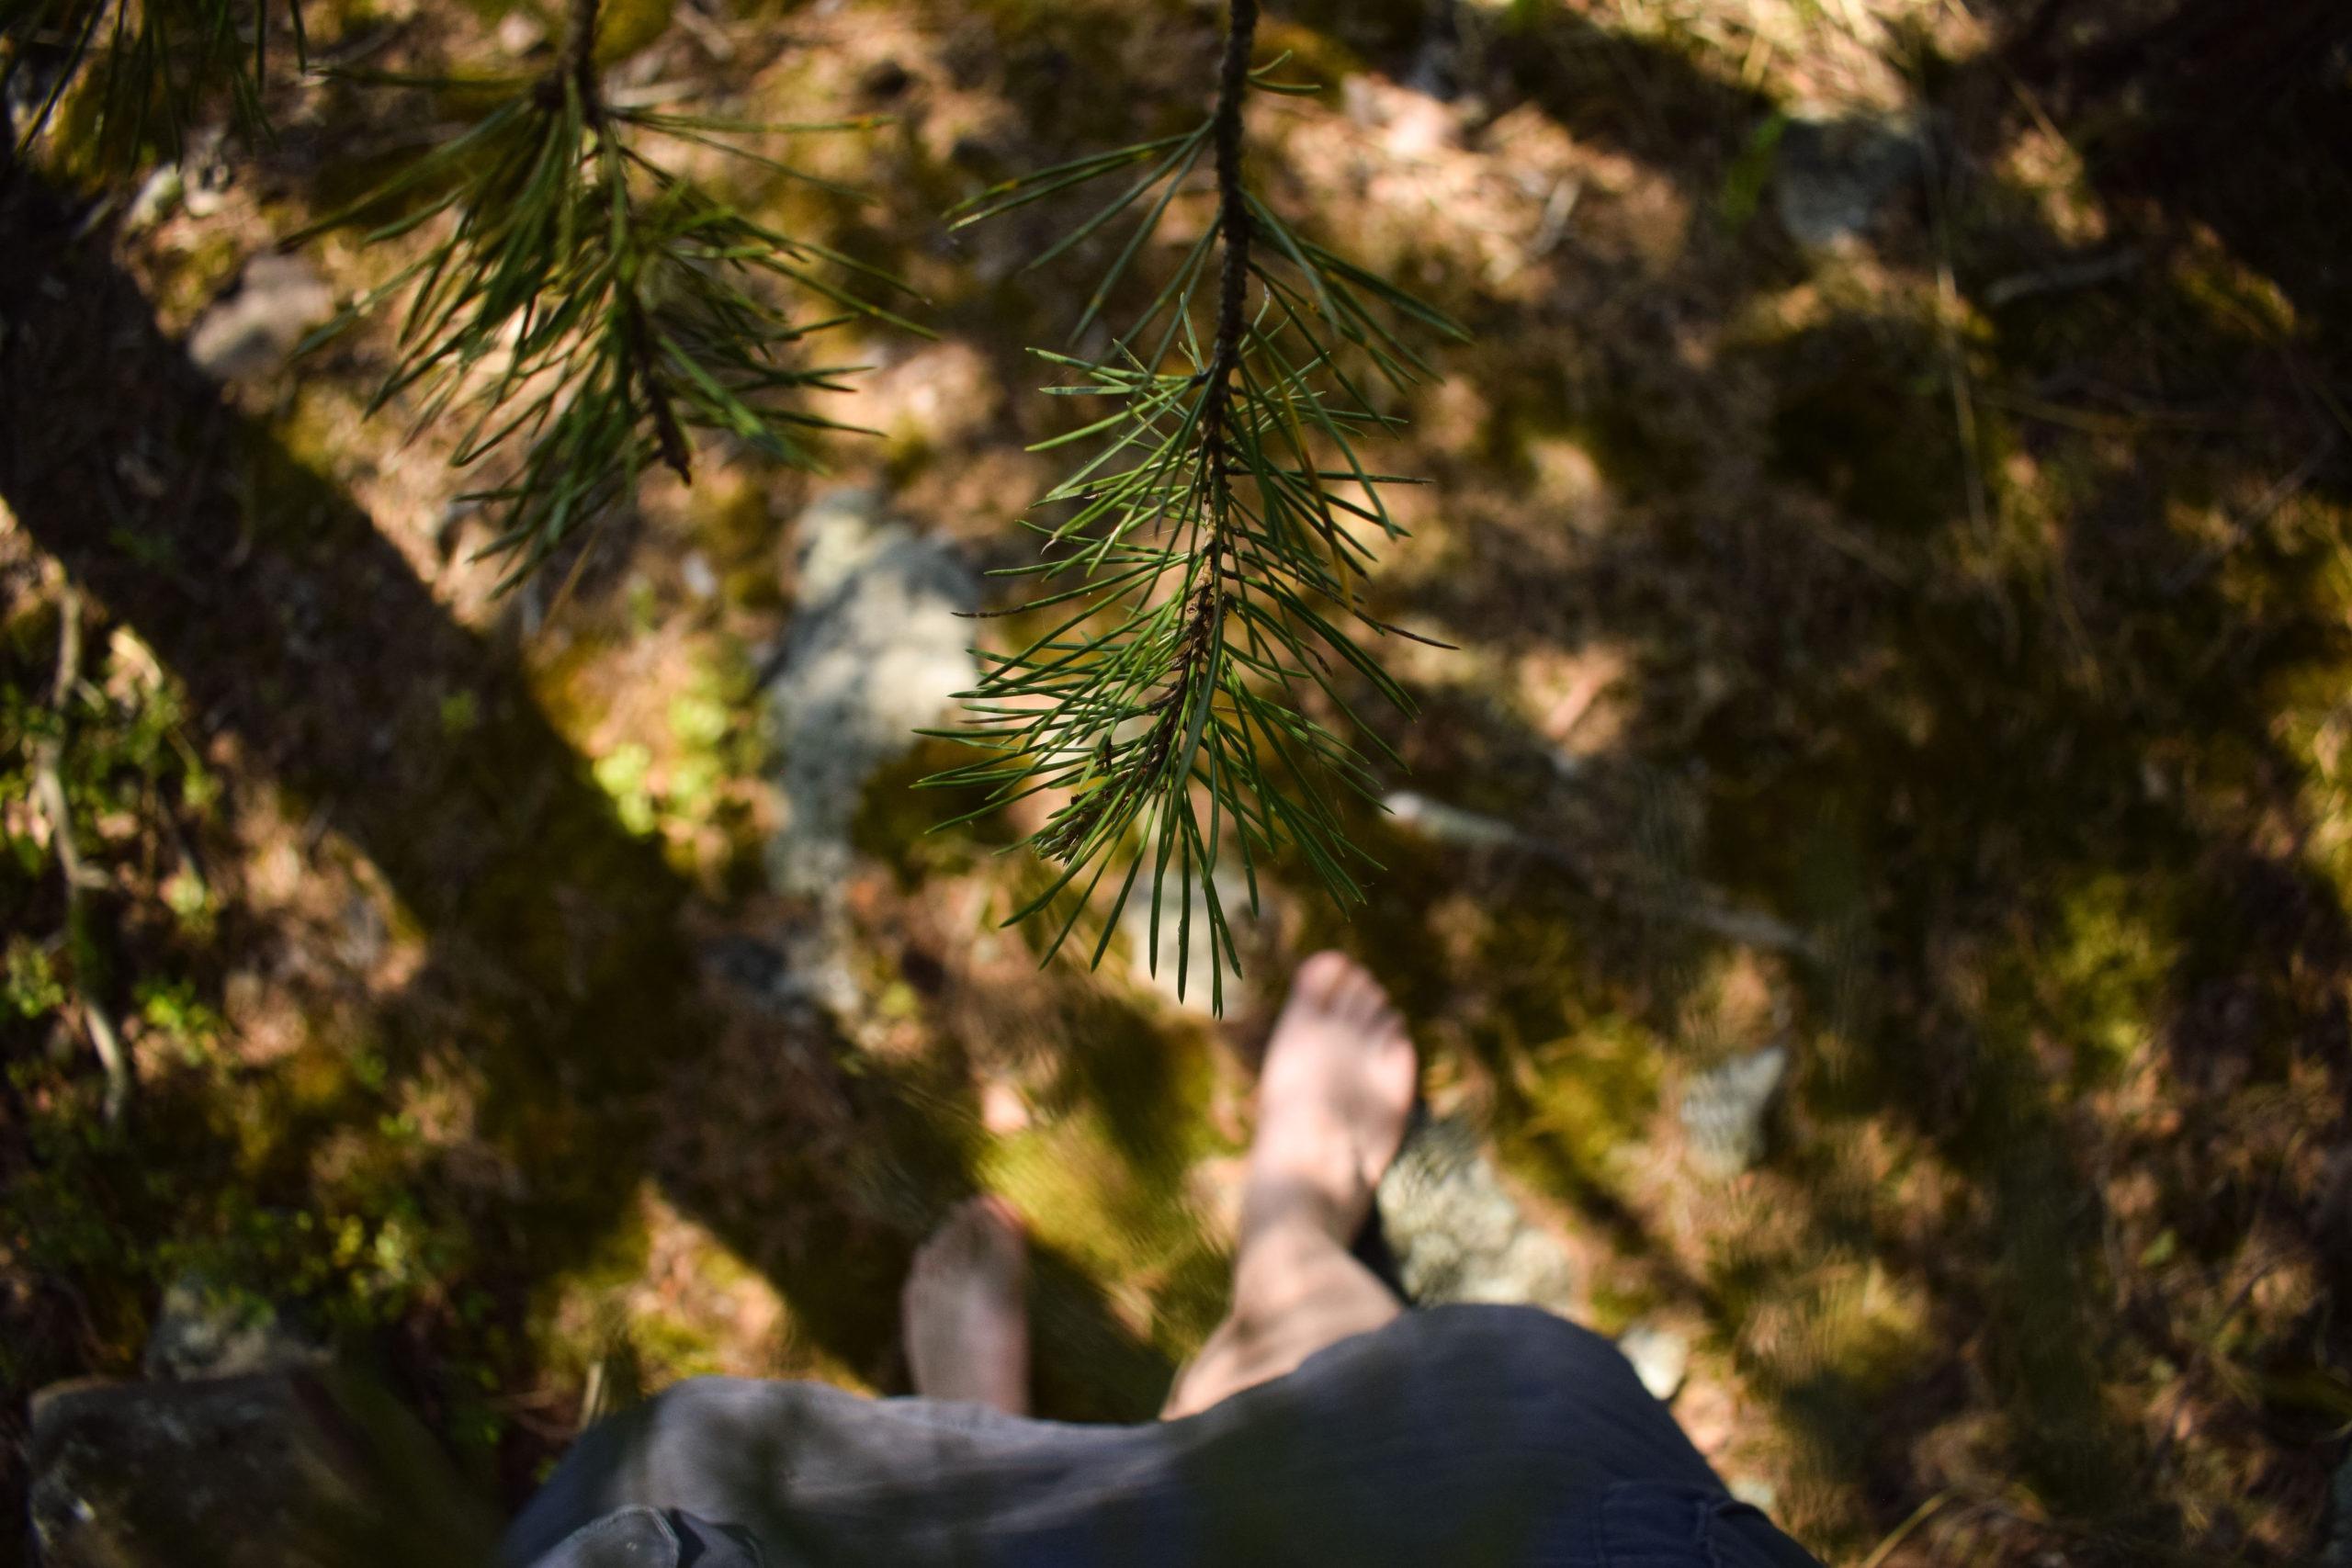 Woma walking barefoot in the forest at Kukkoniemen Lomamökit rental cottages in Punkaharju, Saimaa